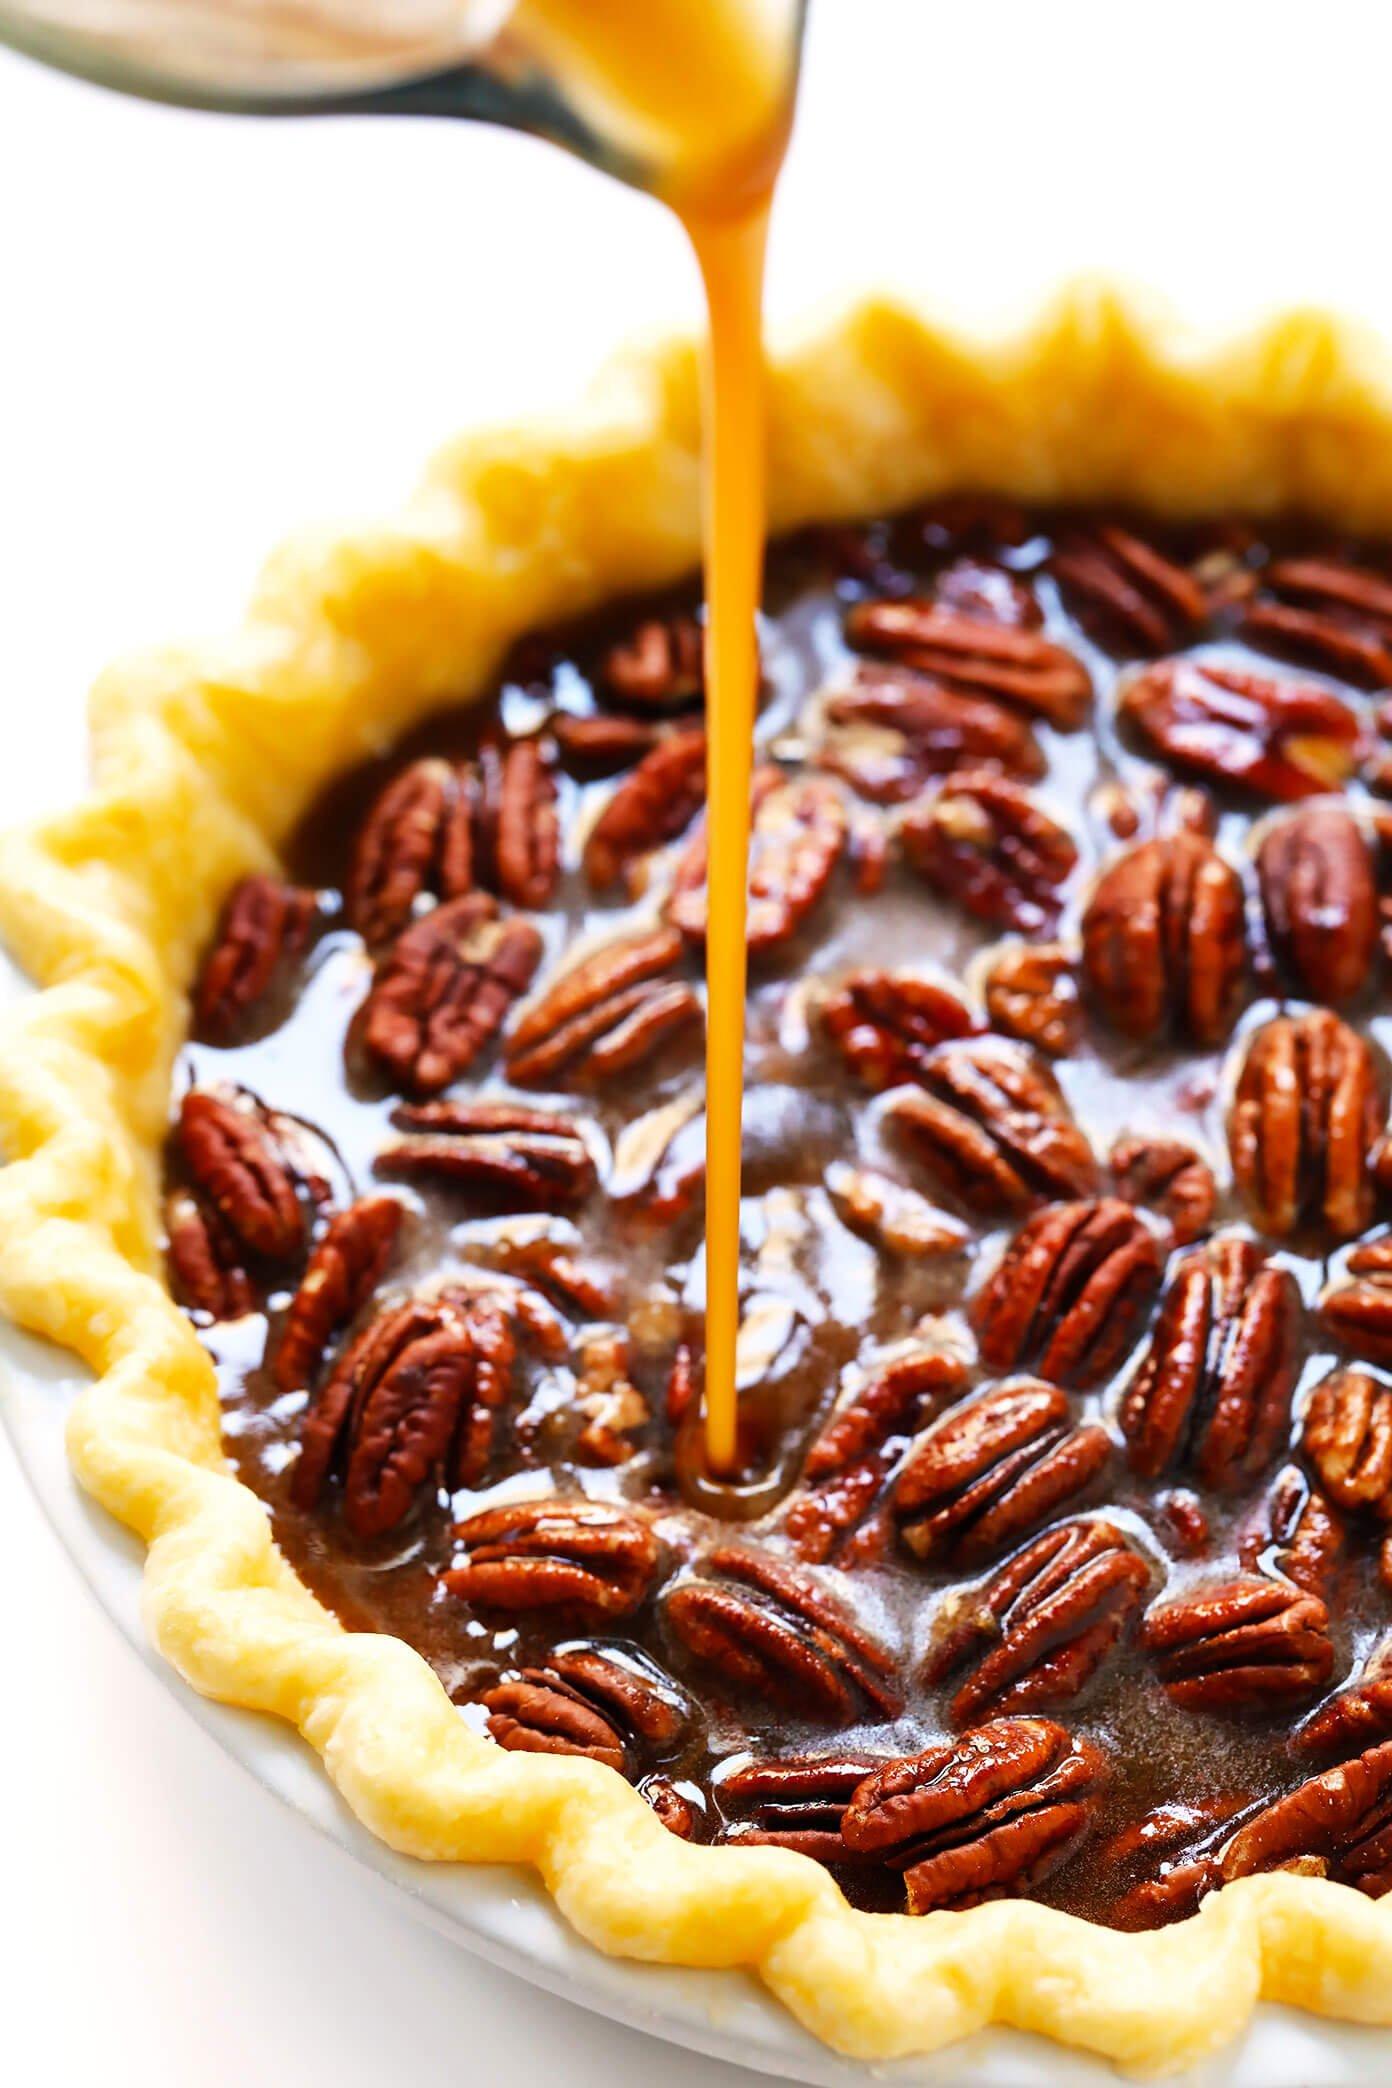 Homemade Pecan Pie Ingredients